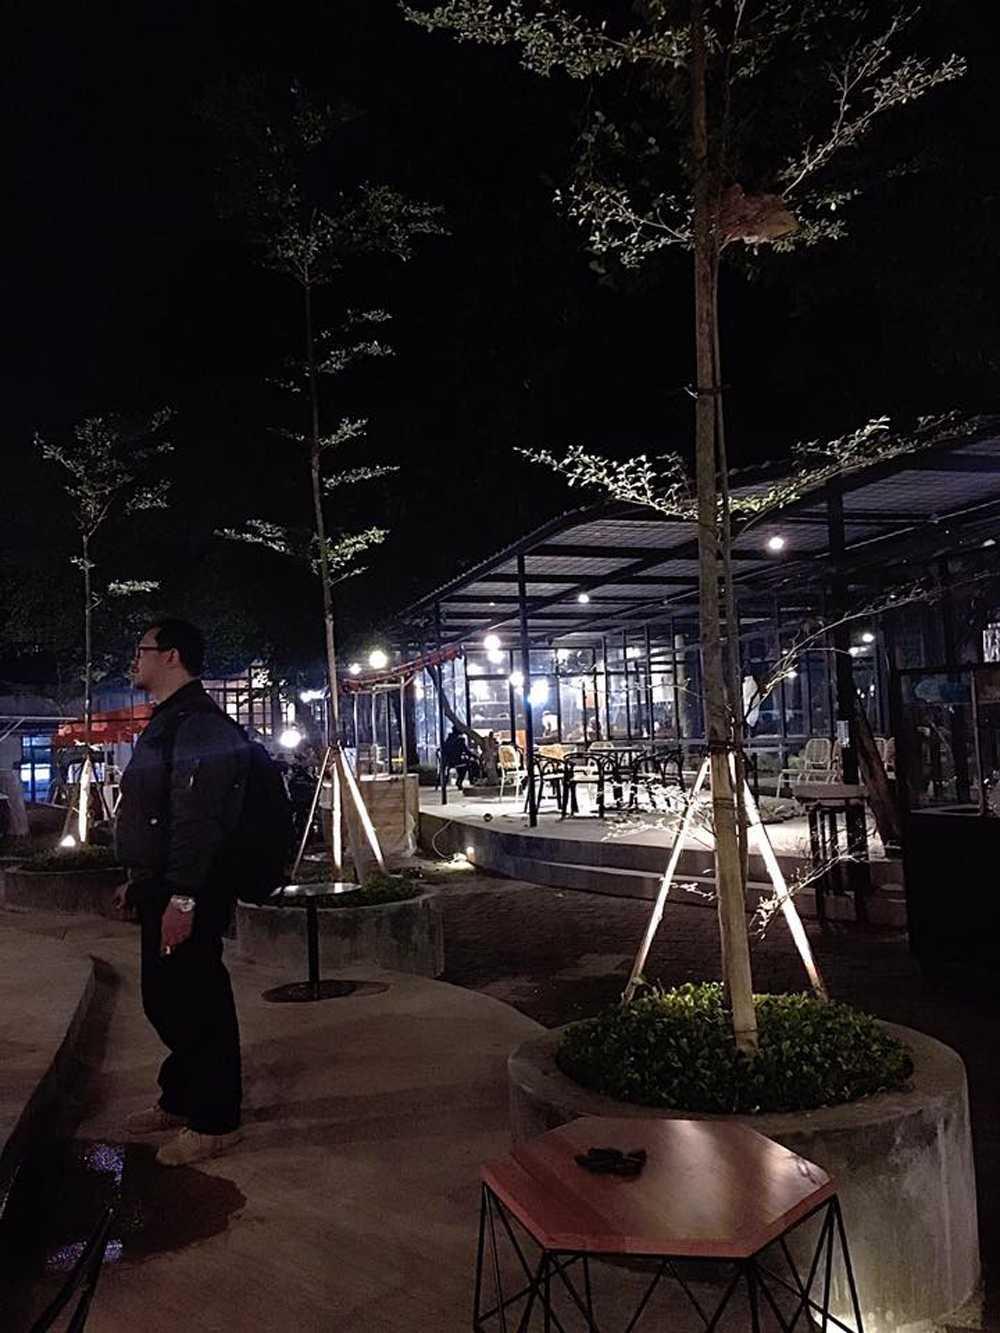 Wandi Uwa Krisdian Banyu Leisure Jl. Teungku Angkasa No.47, Lebakgede, Coblong, Kota Bandung, Jawa Barat 40132, Indonesia Jl. Teungku Angkasa No.47, Lebakgede, Coblong, Kota Bandung, Jawa Barat 40132, Indonesia 6 Industrial  34664